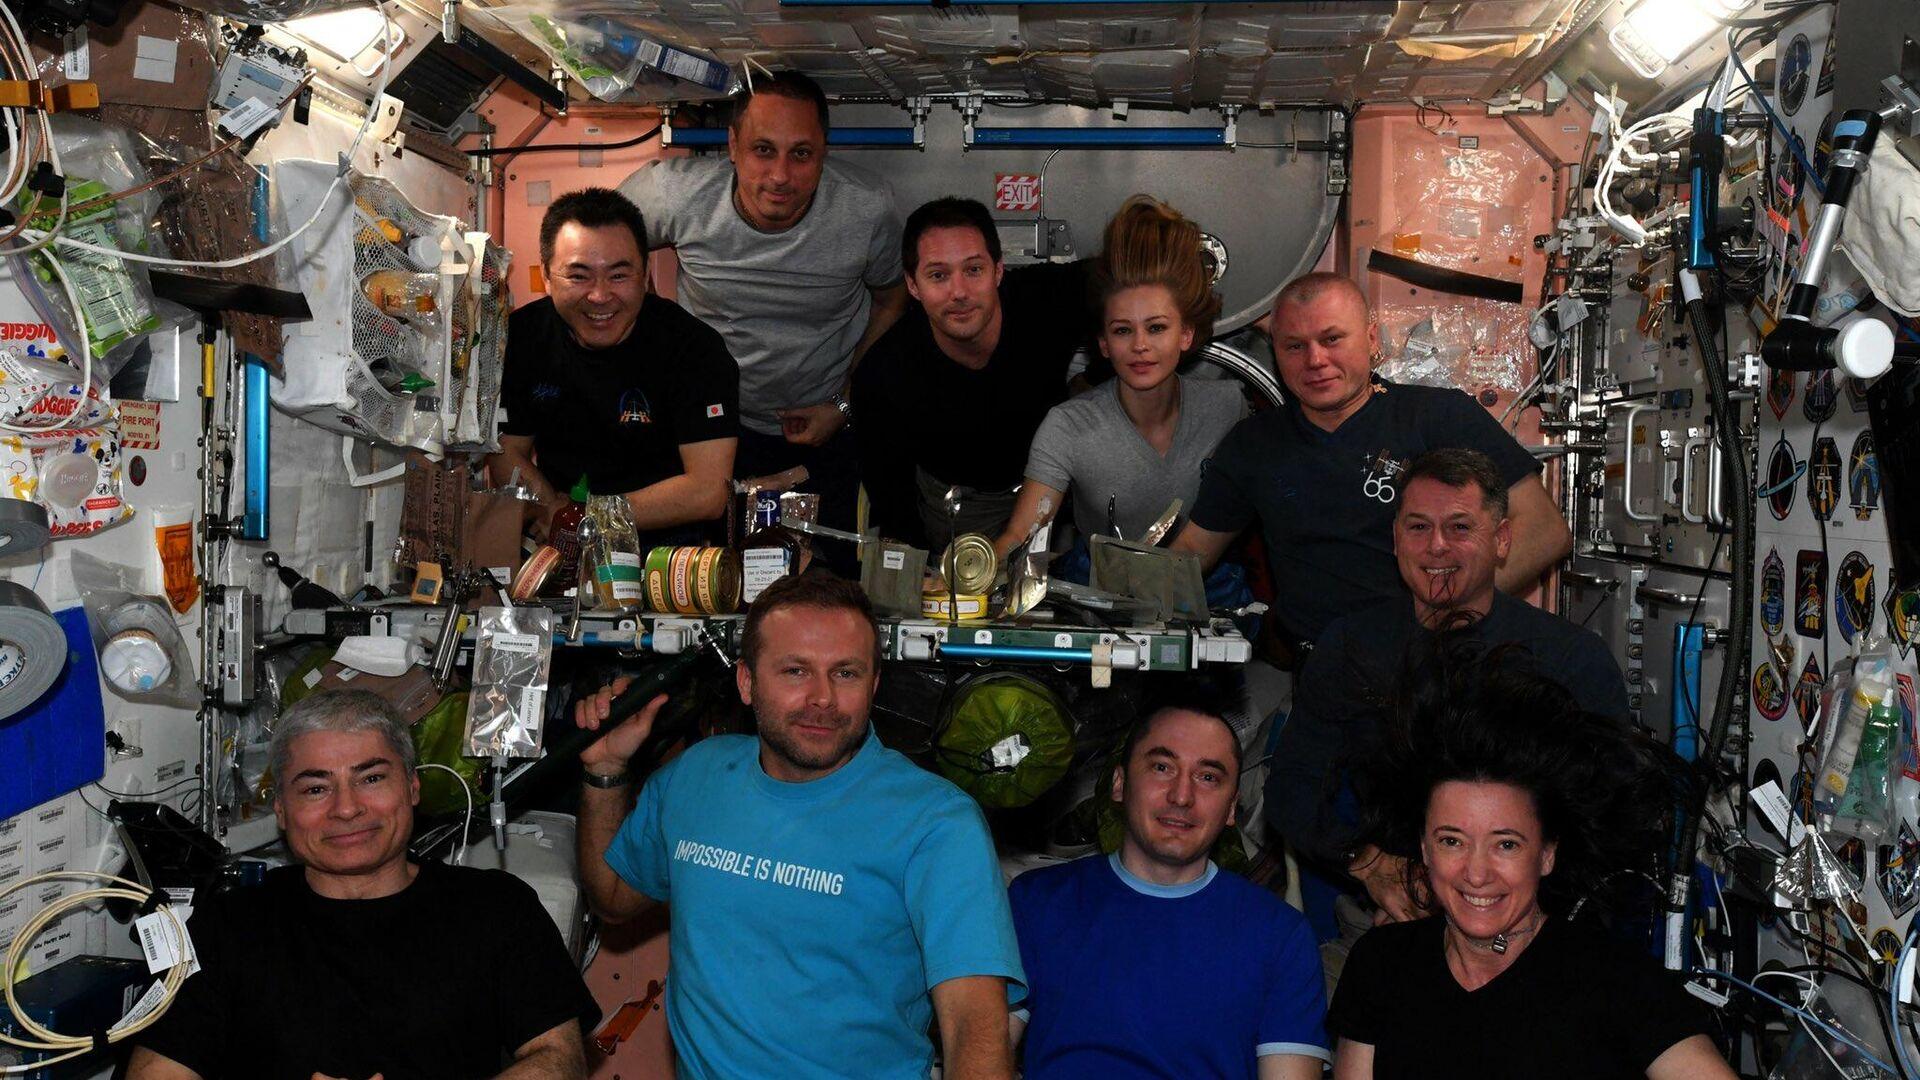 Экипаж МКС во время совместного ужина в американском модуле - РИА Новости, 1920, 13.10.2021